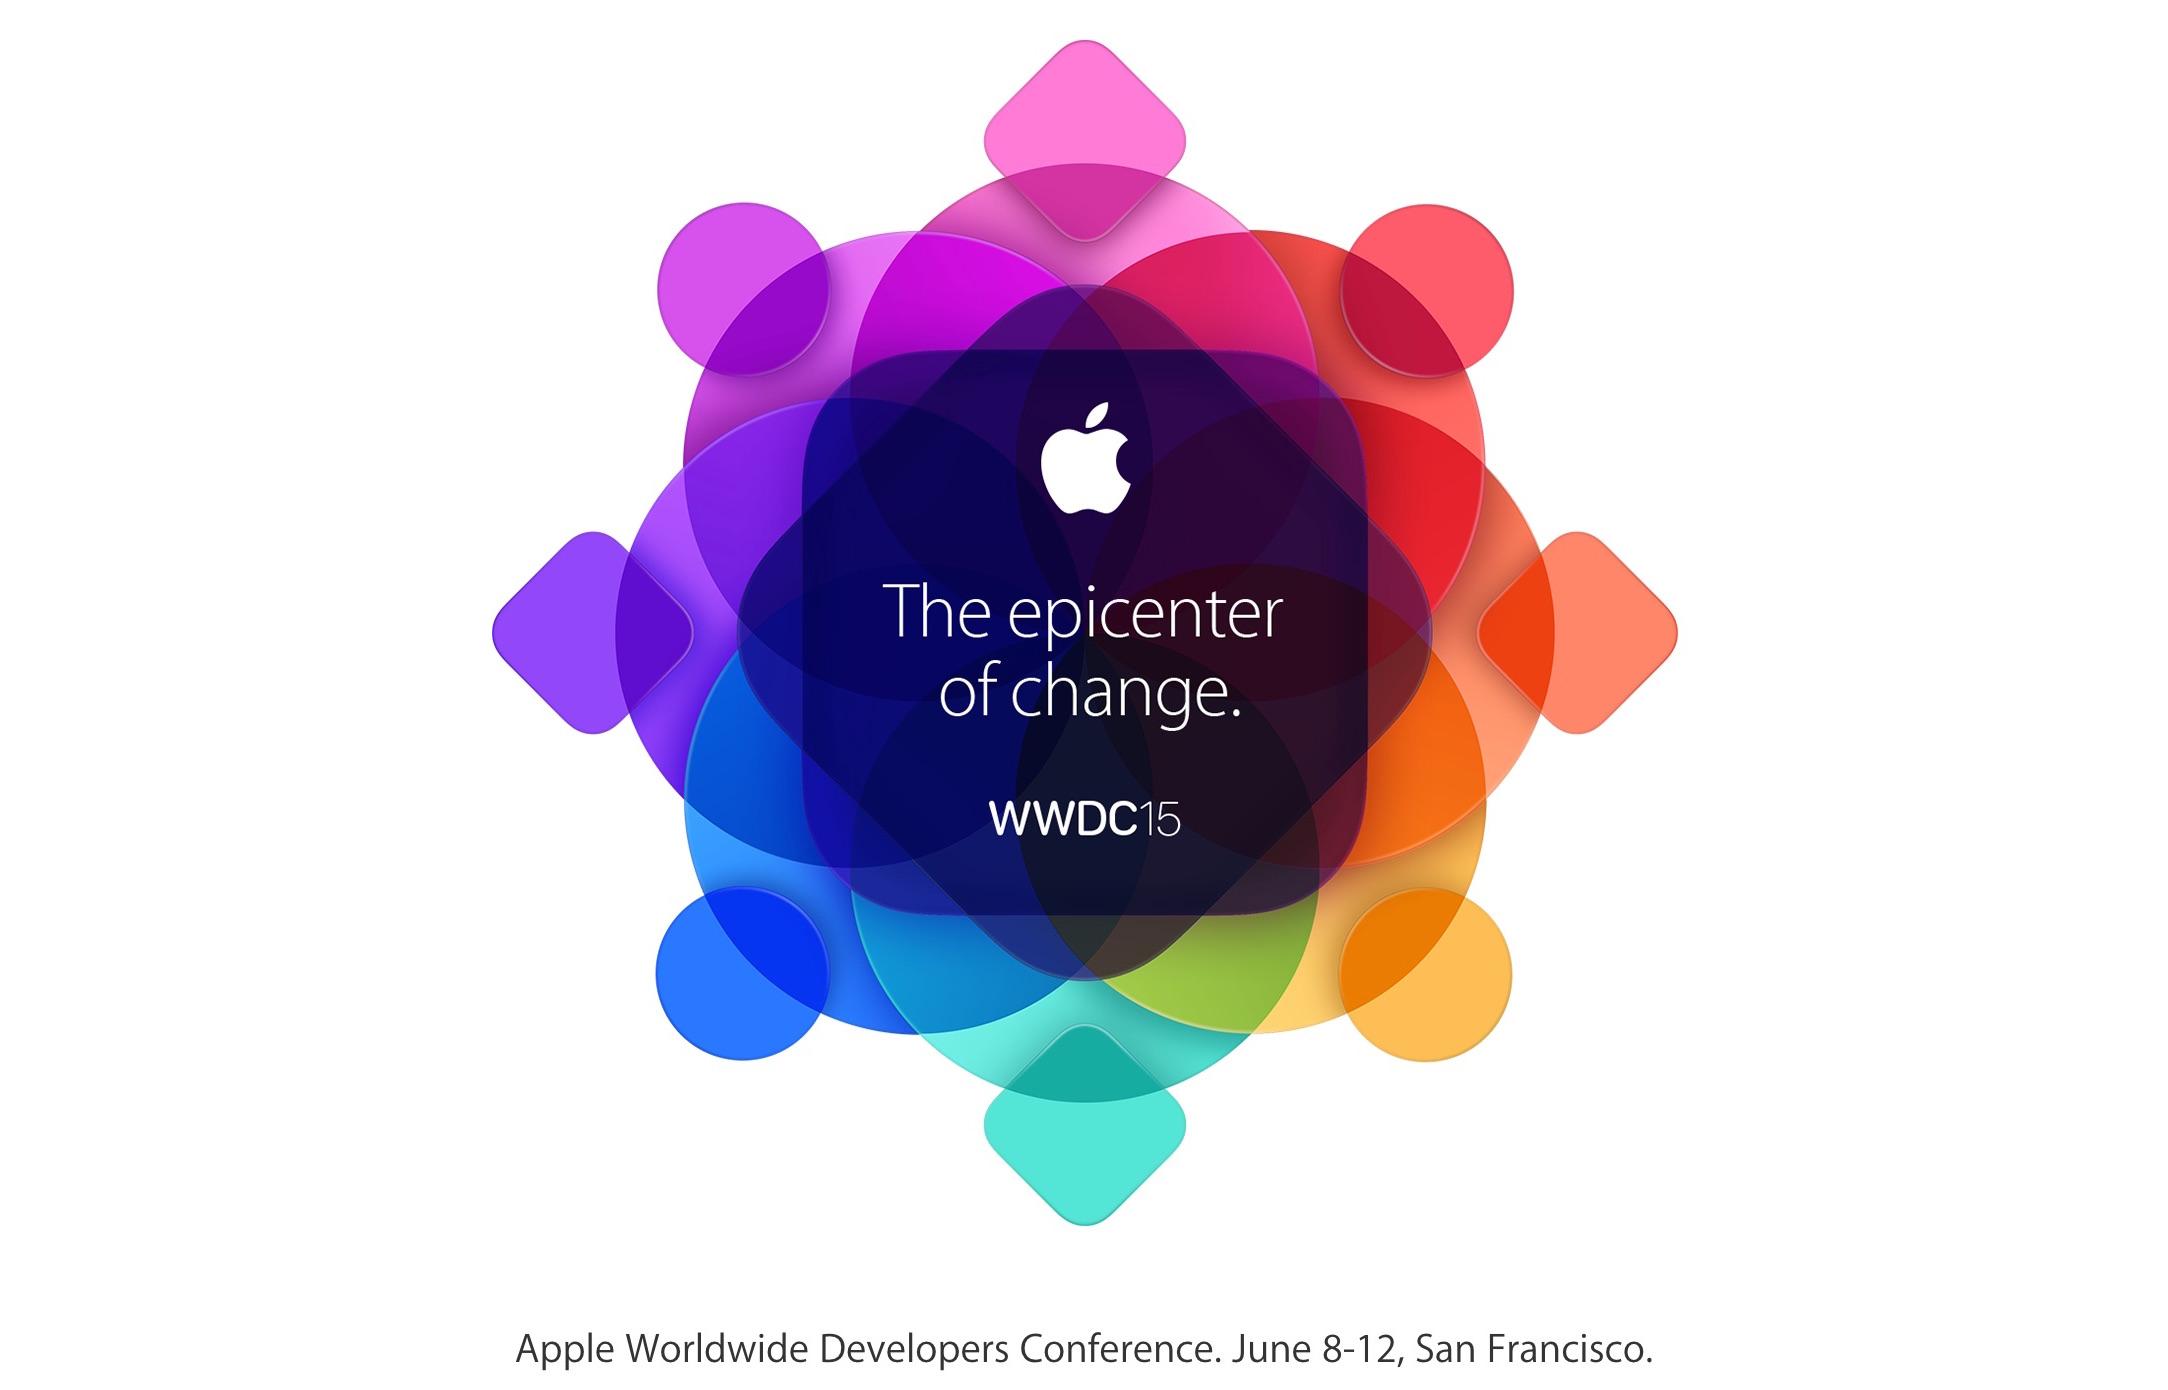 アップル、WWDC 2015を6月8日より開催――iOS 9を先行発表か